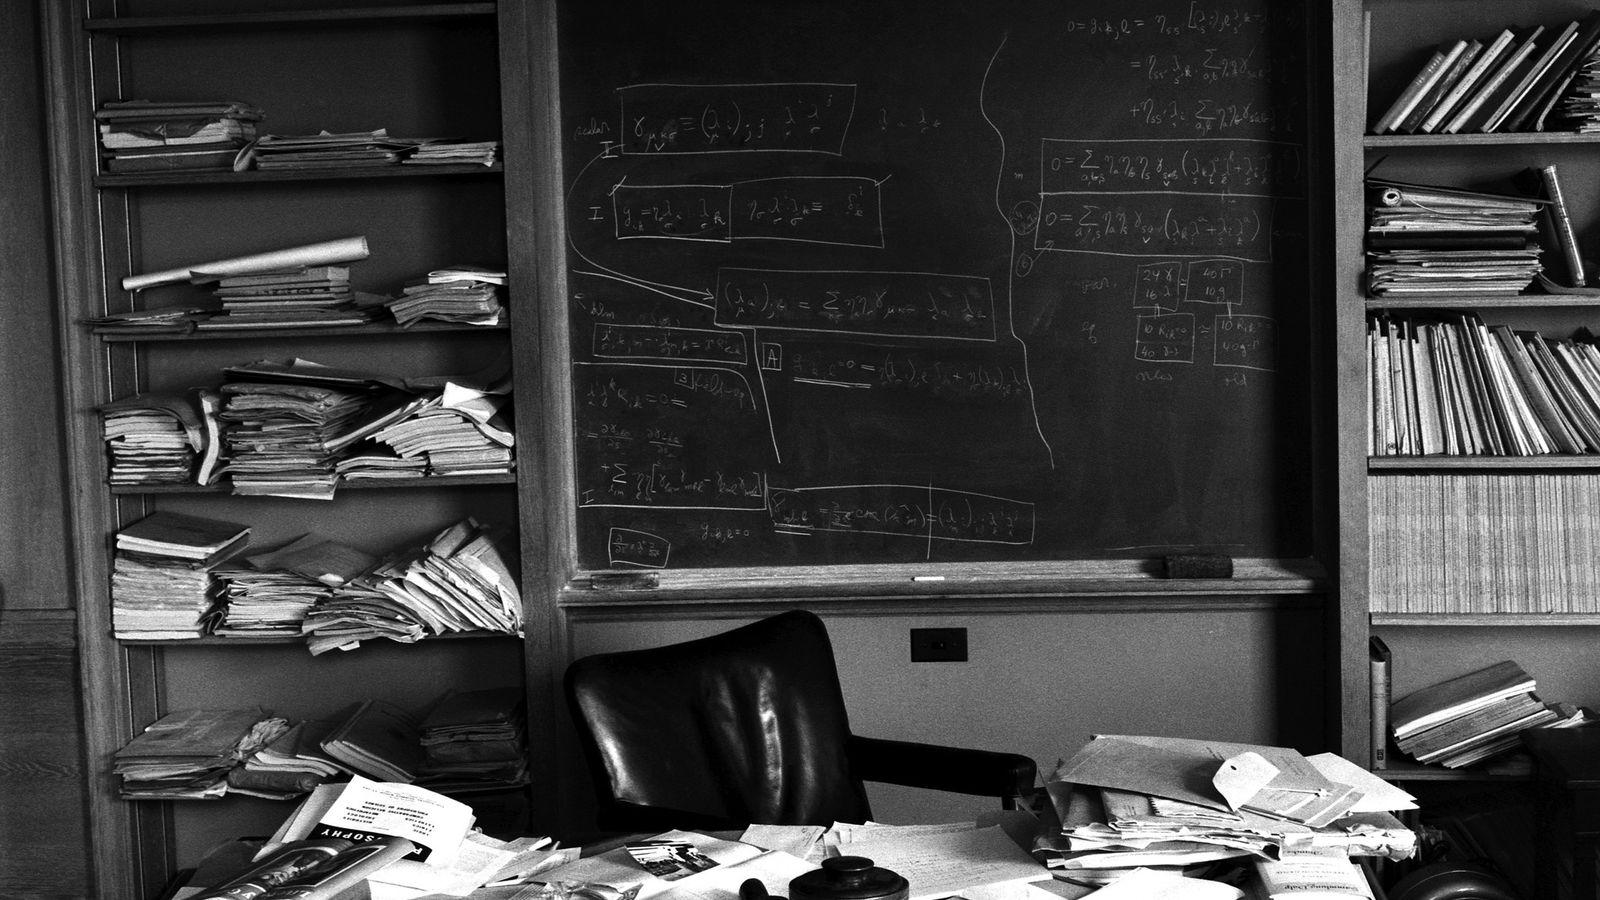 Escritório de Albert Einstein em Princeton, Nova Jersey, horas após sua morte, fotografado exatamente como o ...